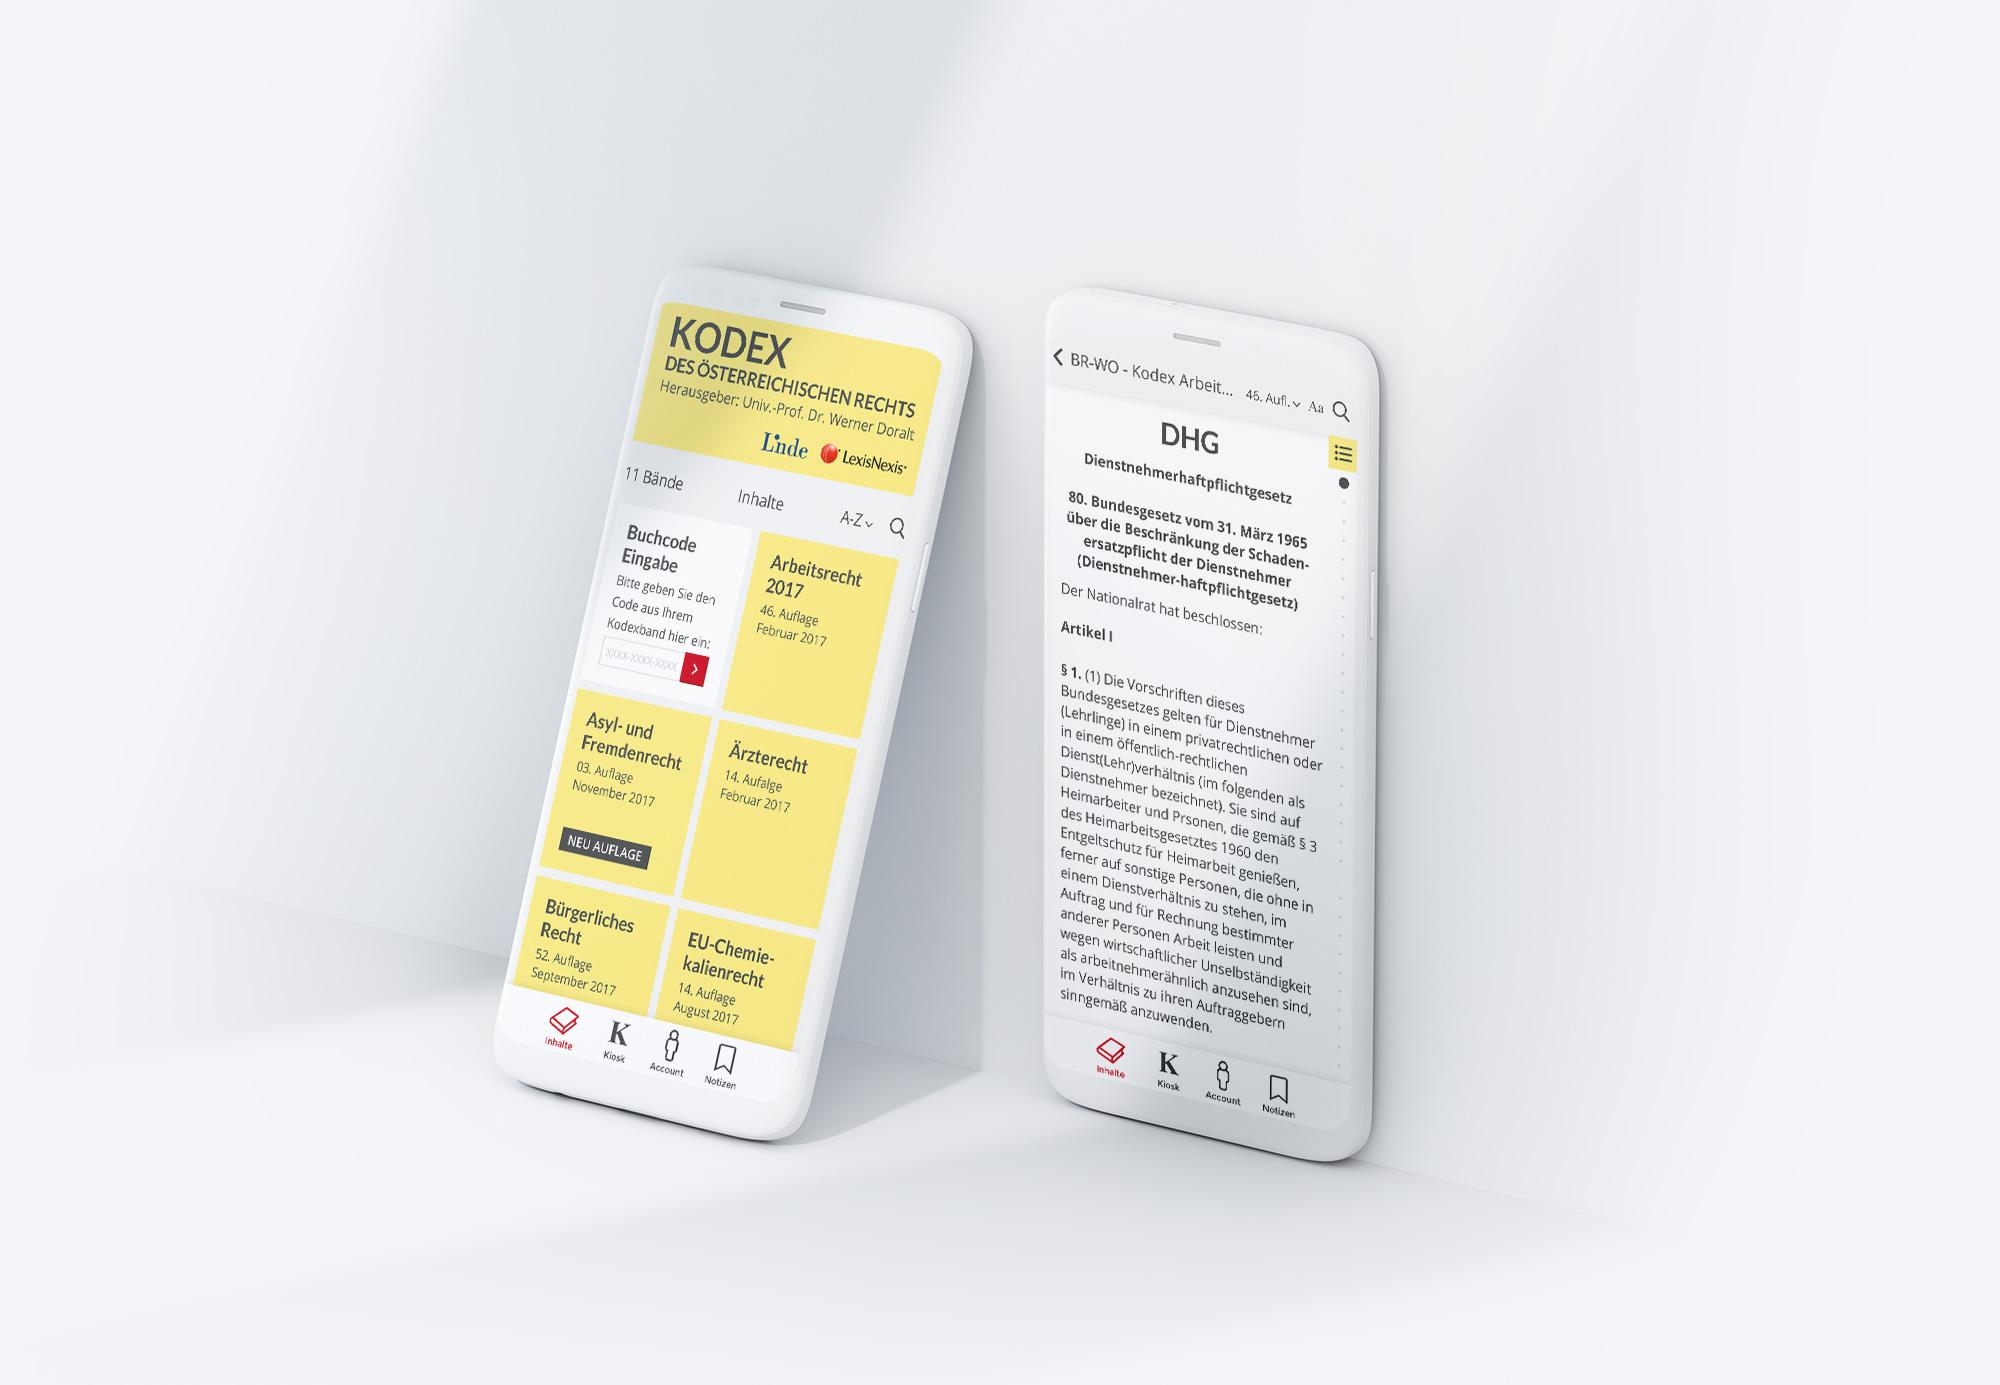 Kodex_Samsung1